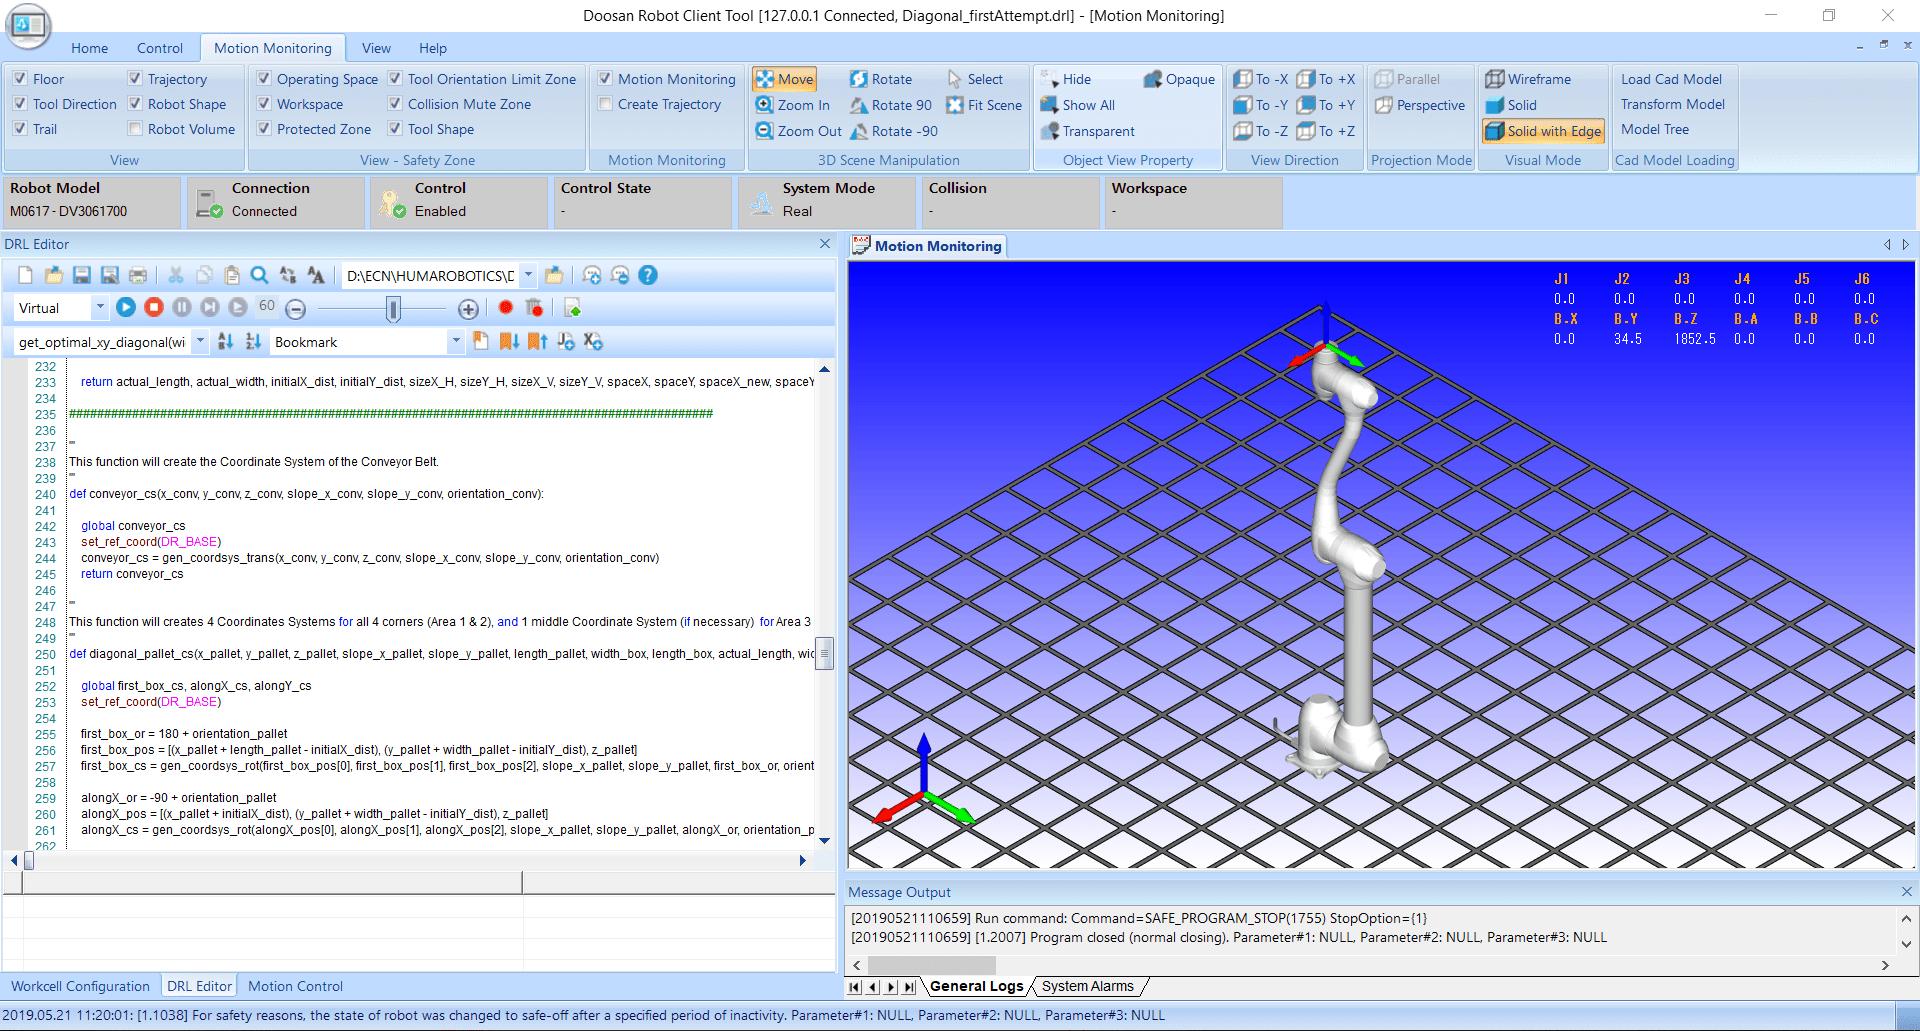 Présentation de l'interface générale du DRCT